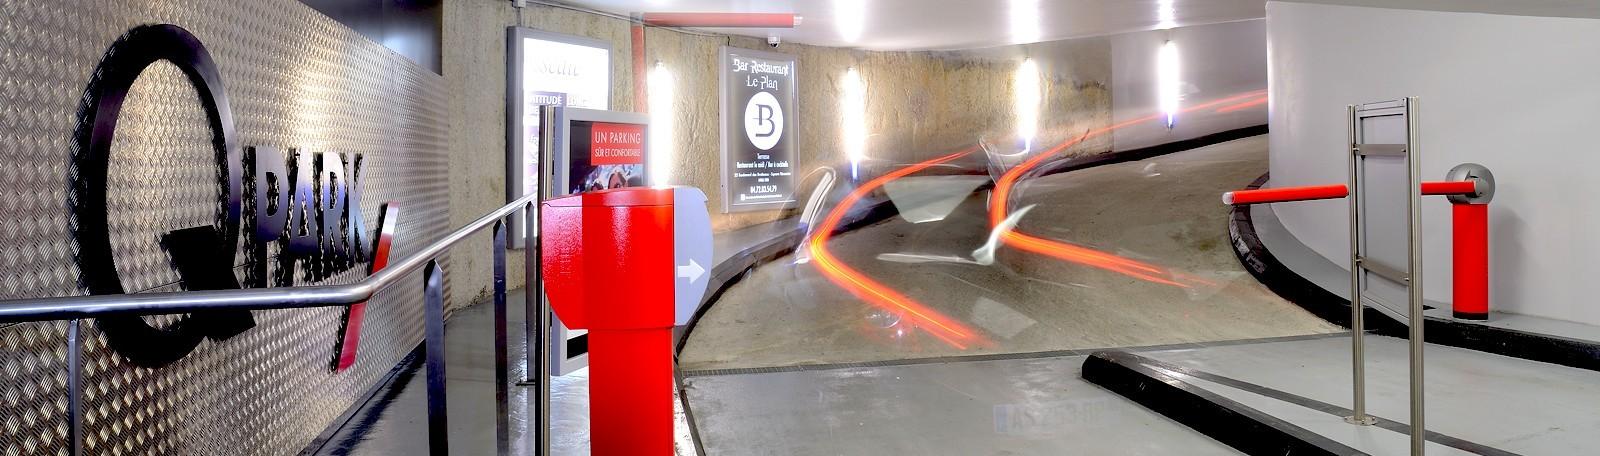 Réservation parking Judo Porte Versailles Paris